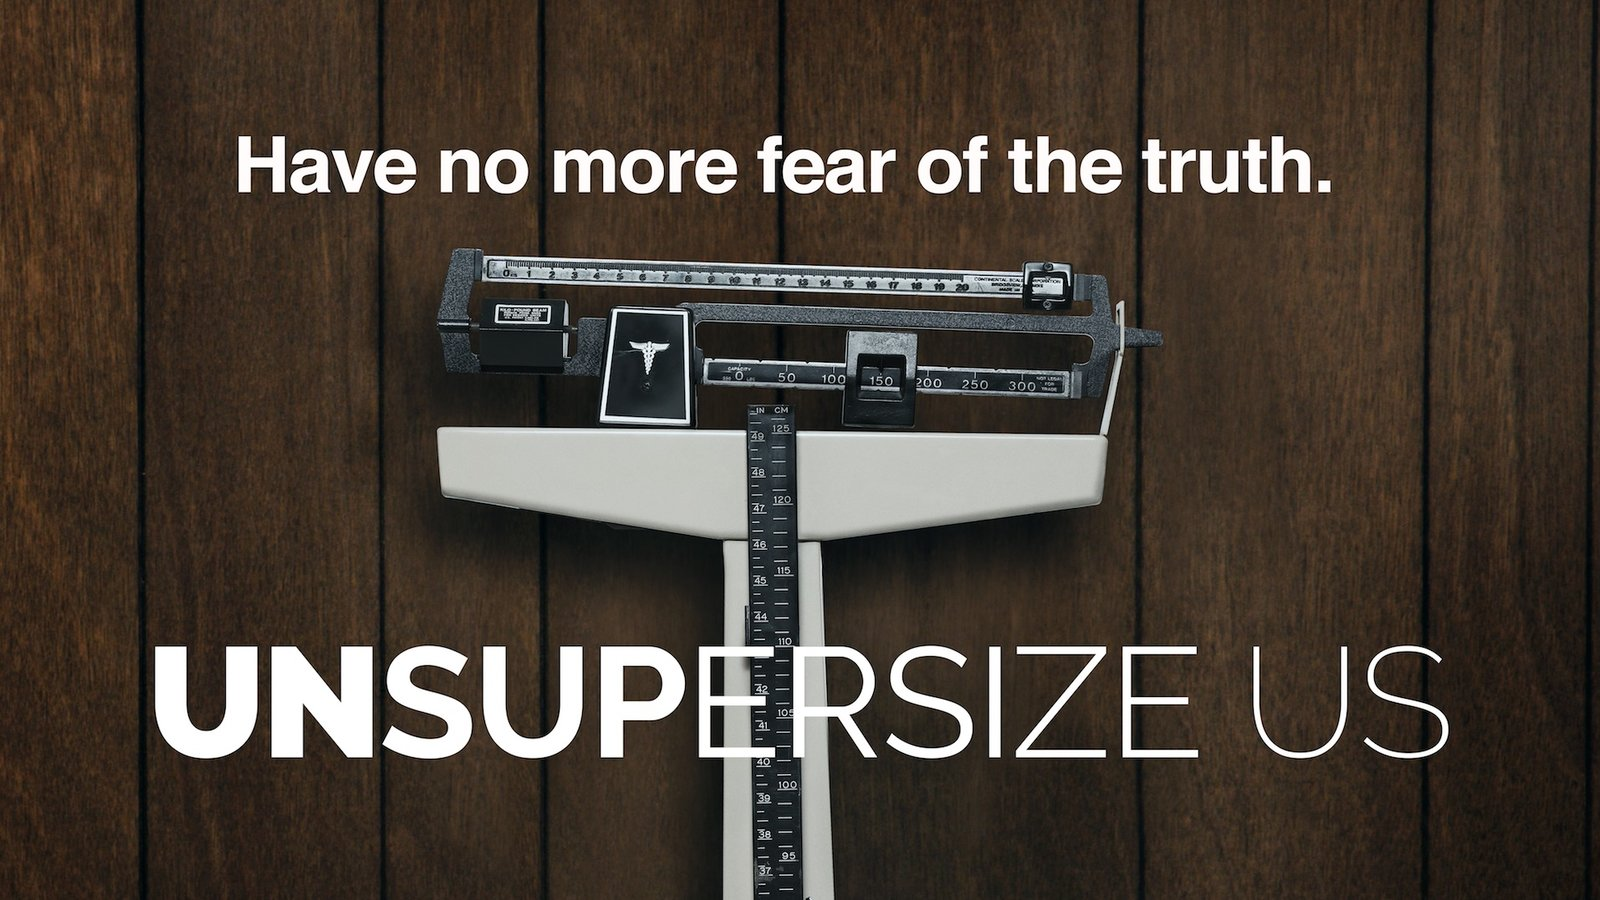 Unsupersize Us - Achieving a Healthier Lifestyle